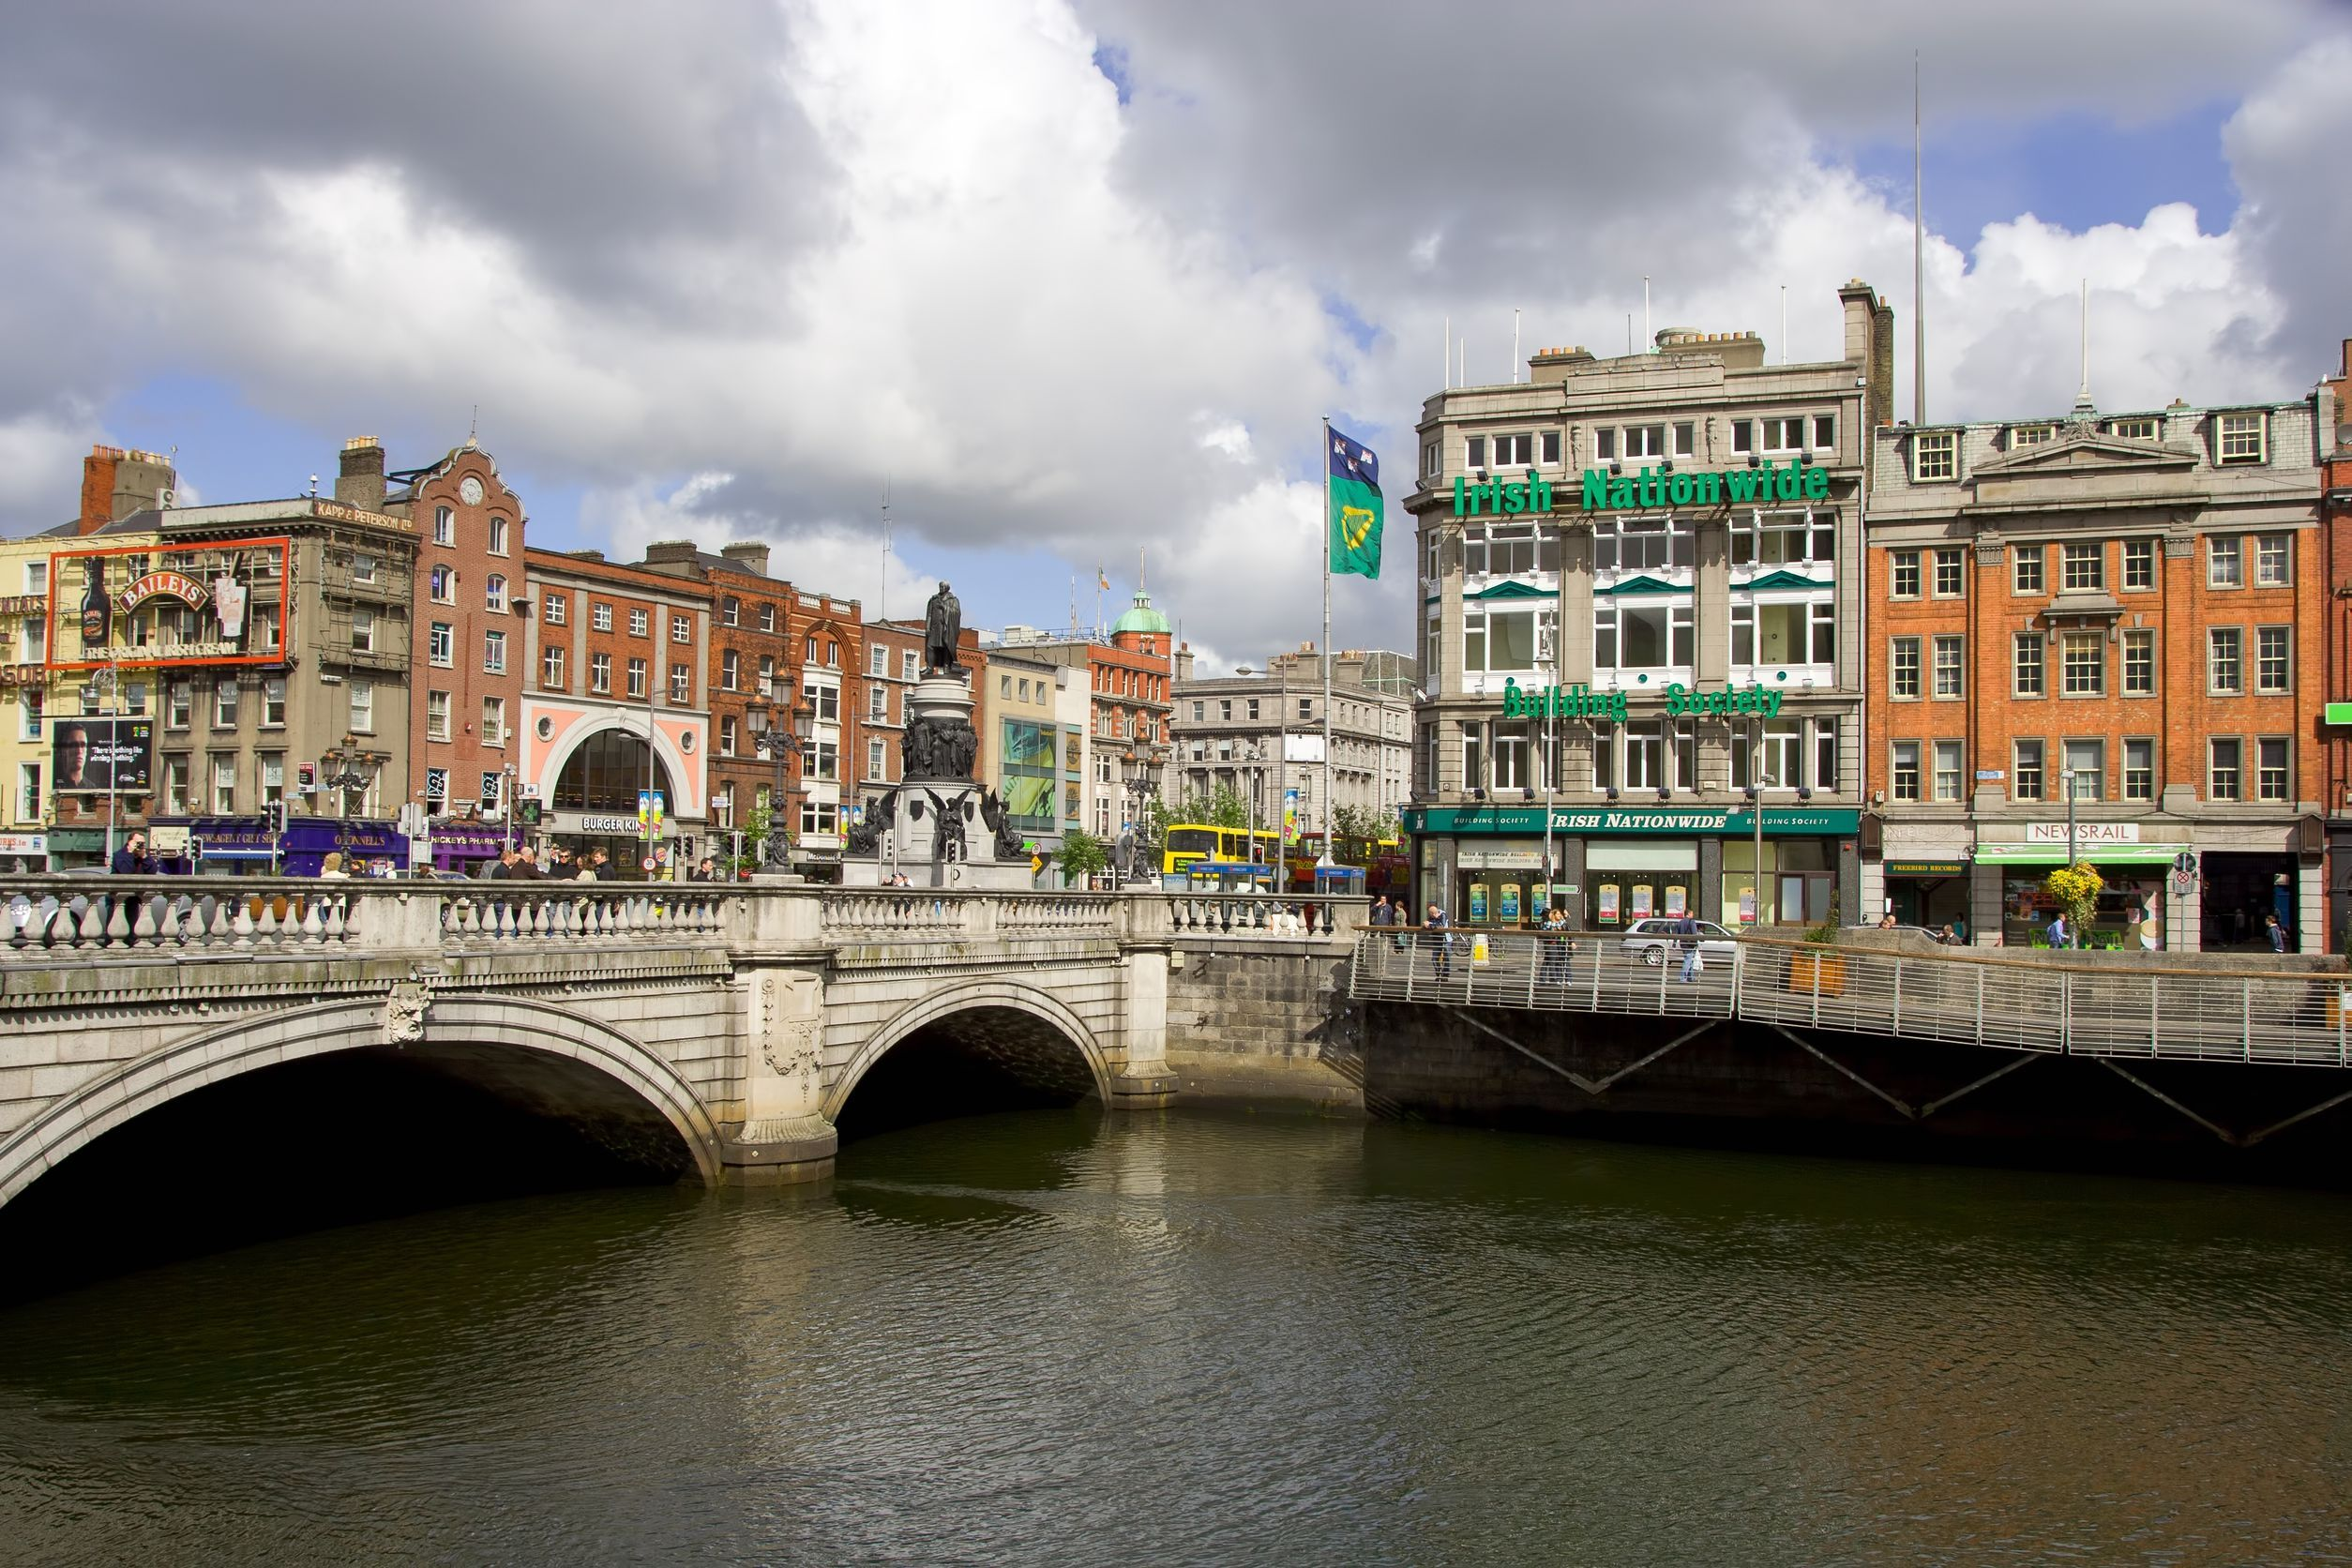 Dublin city center, O'Connel bridge and Liffey River in